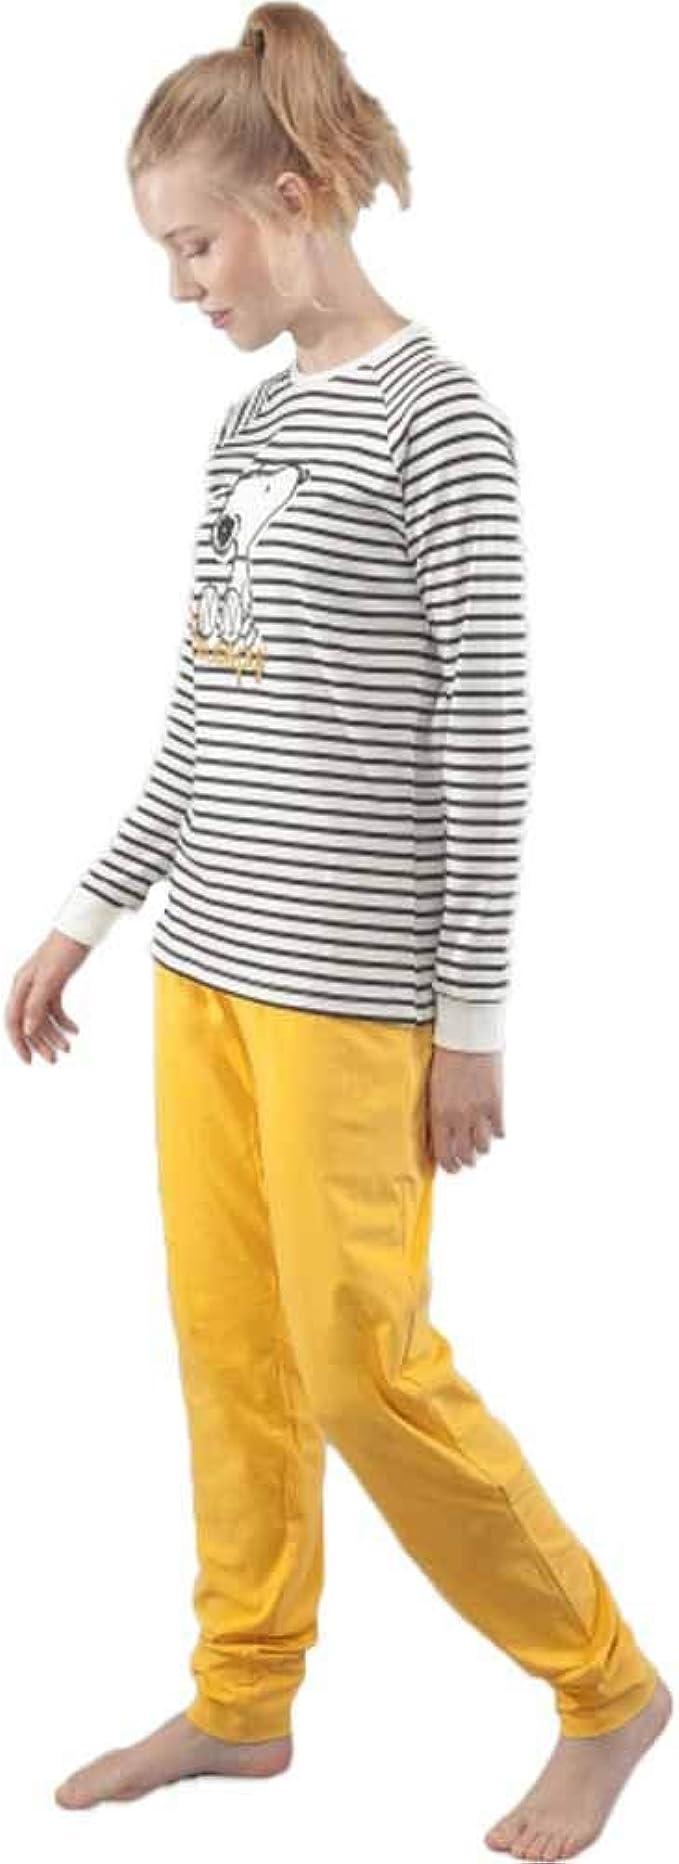 GISELA Pijama de Mujer Snoopy 2/1539 - Mostaza, XL ...